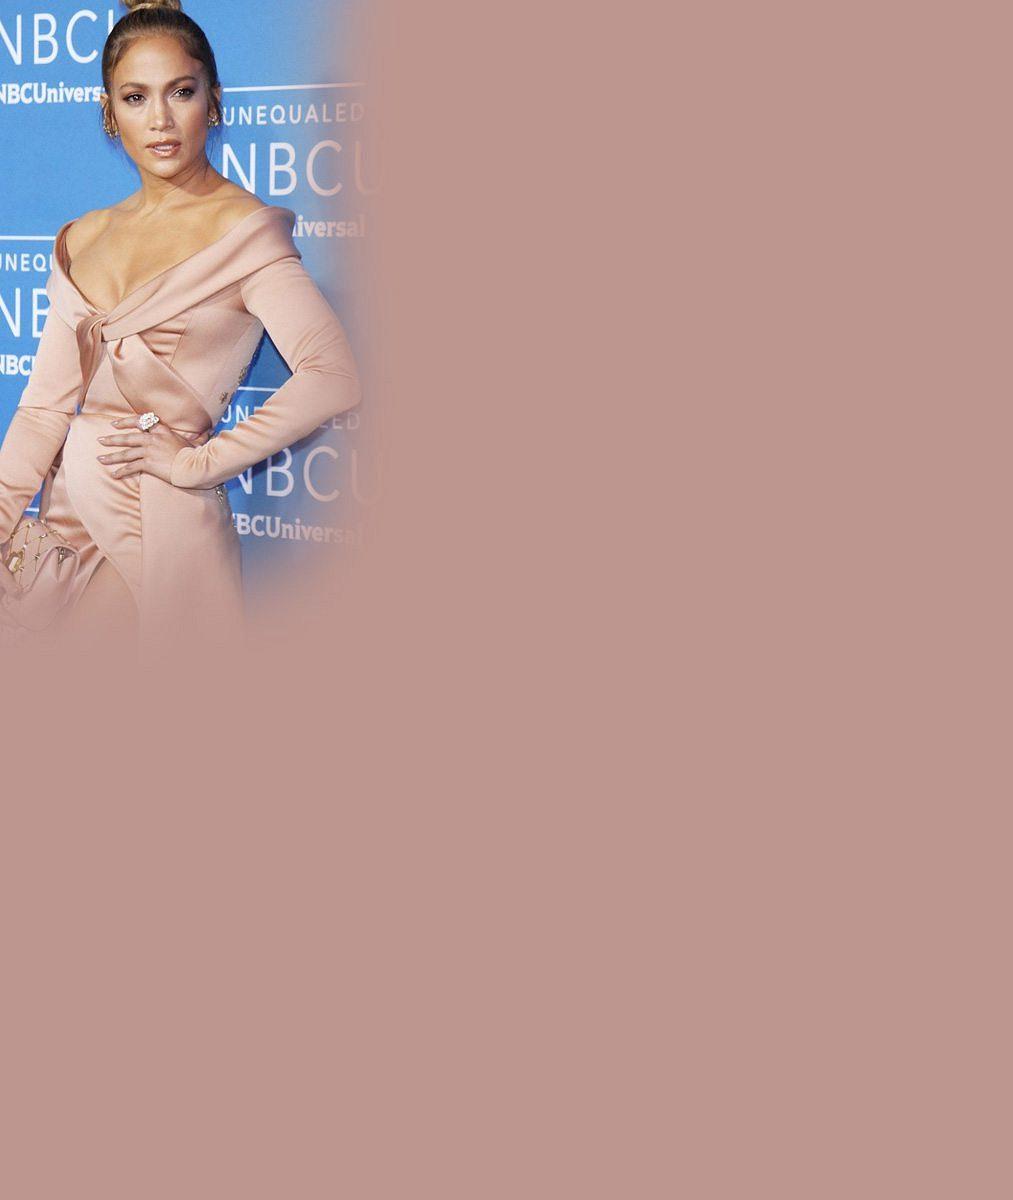 Nestárnoucí Jennifer Lopez oslavila narozeniny v rajcovních průsvitných šatech: Sotva správně uhodnete její věk